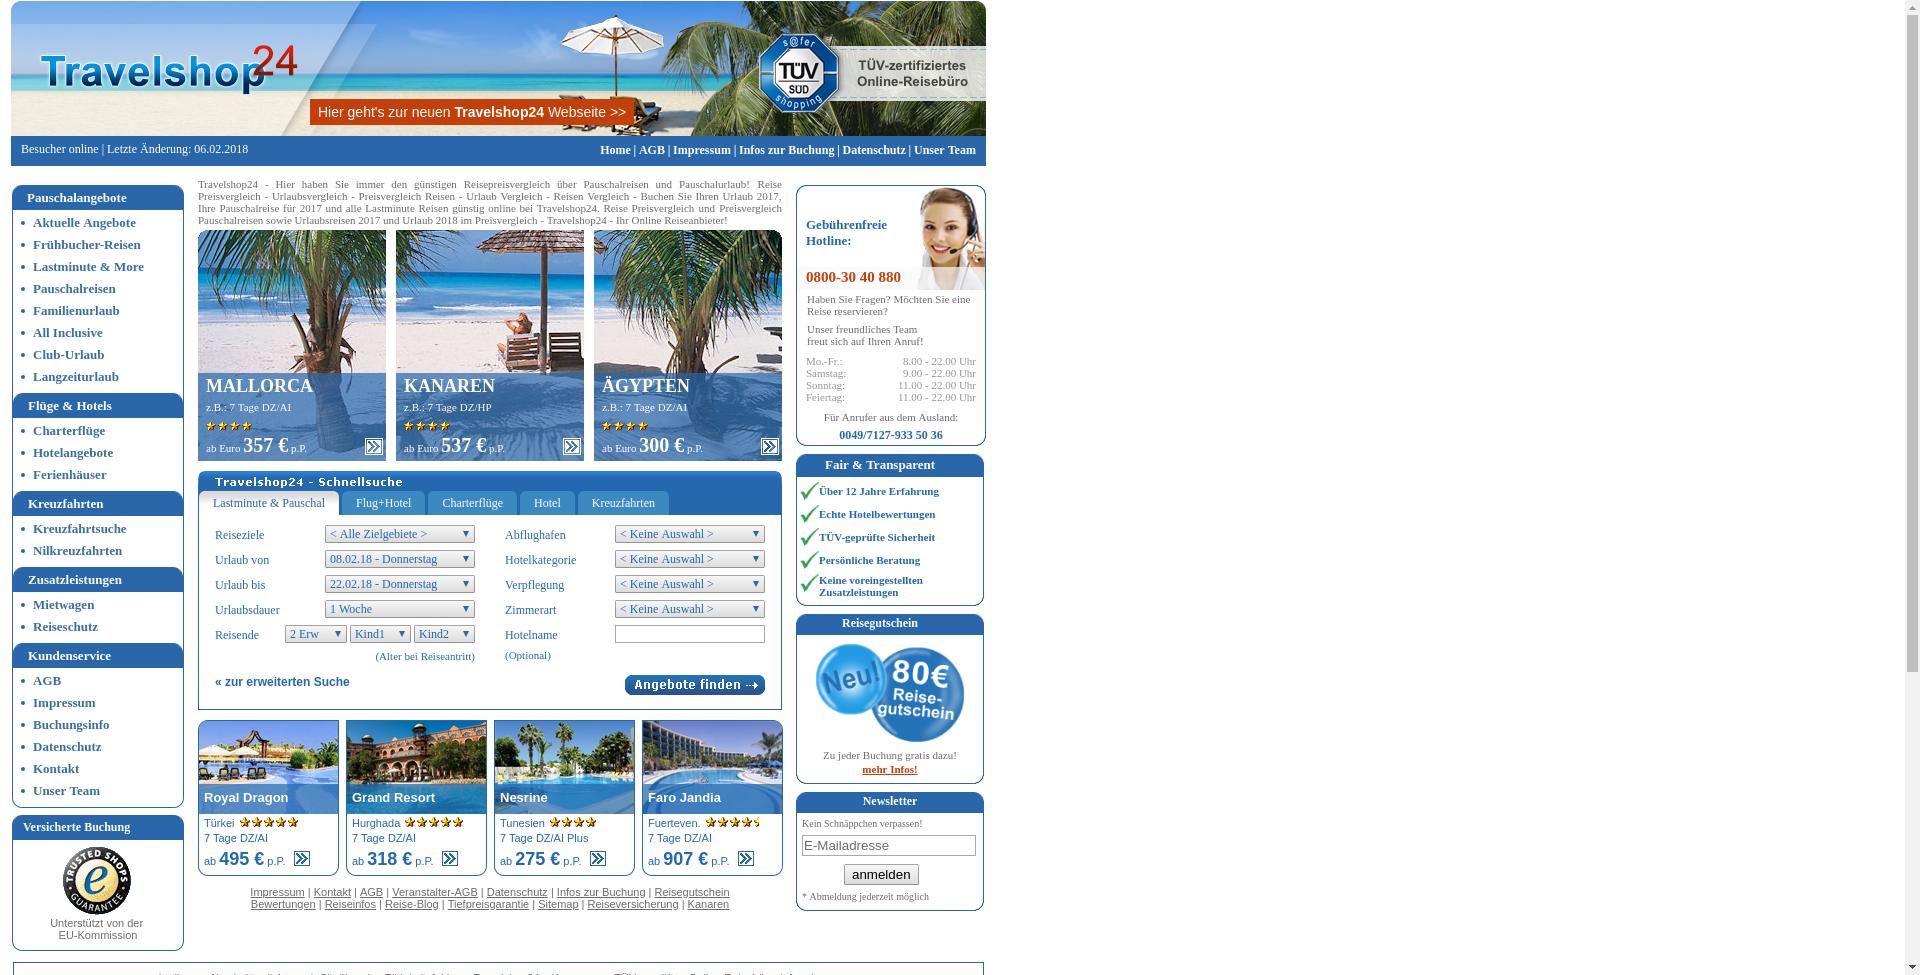 Travelshop-24.net